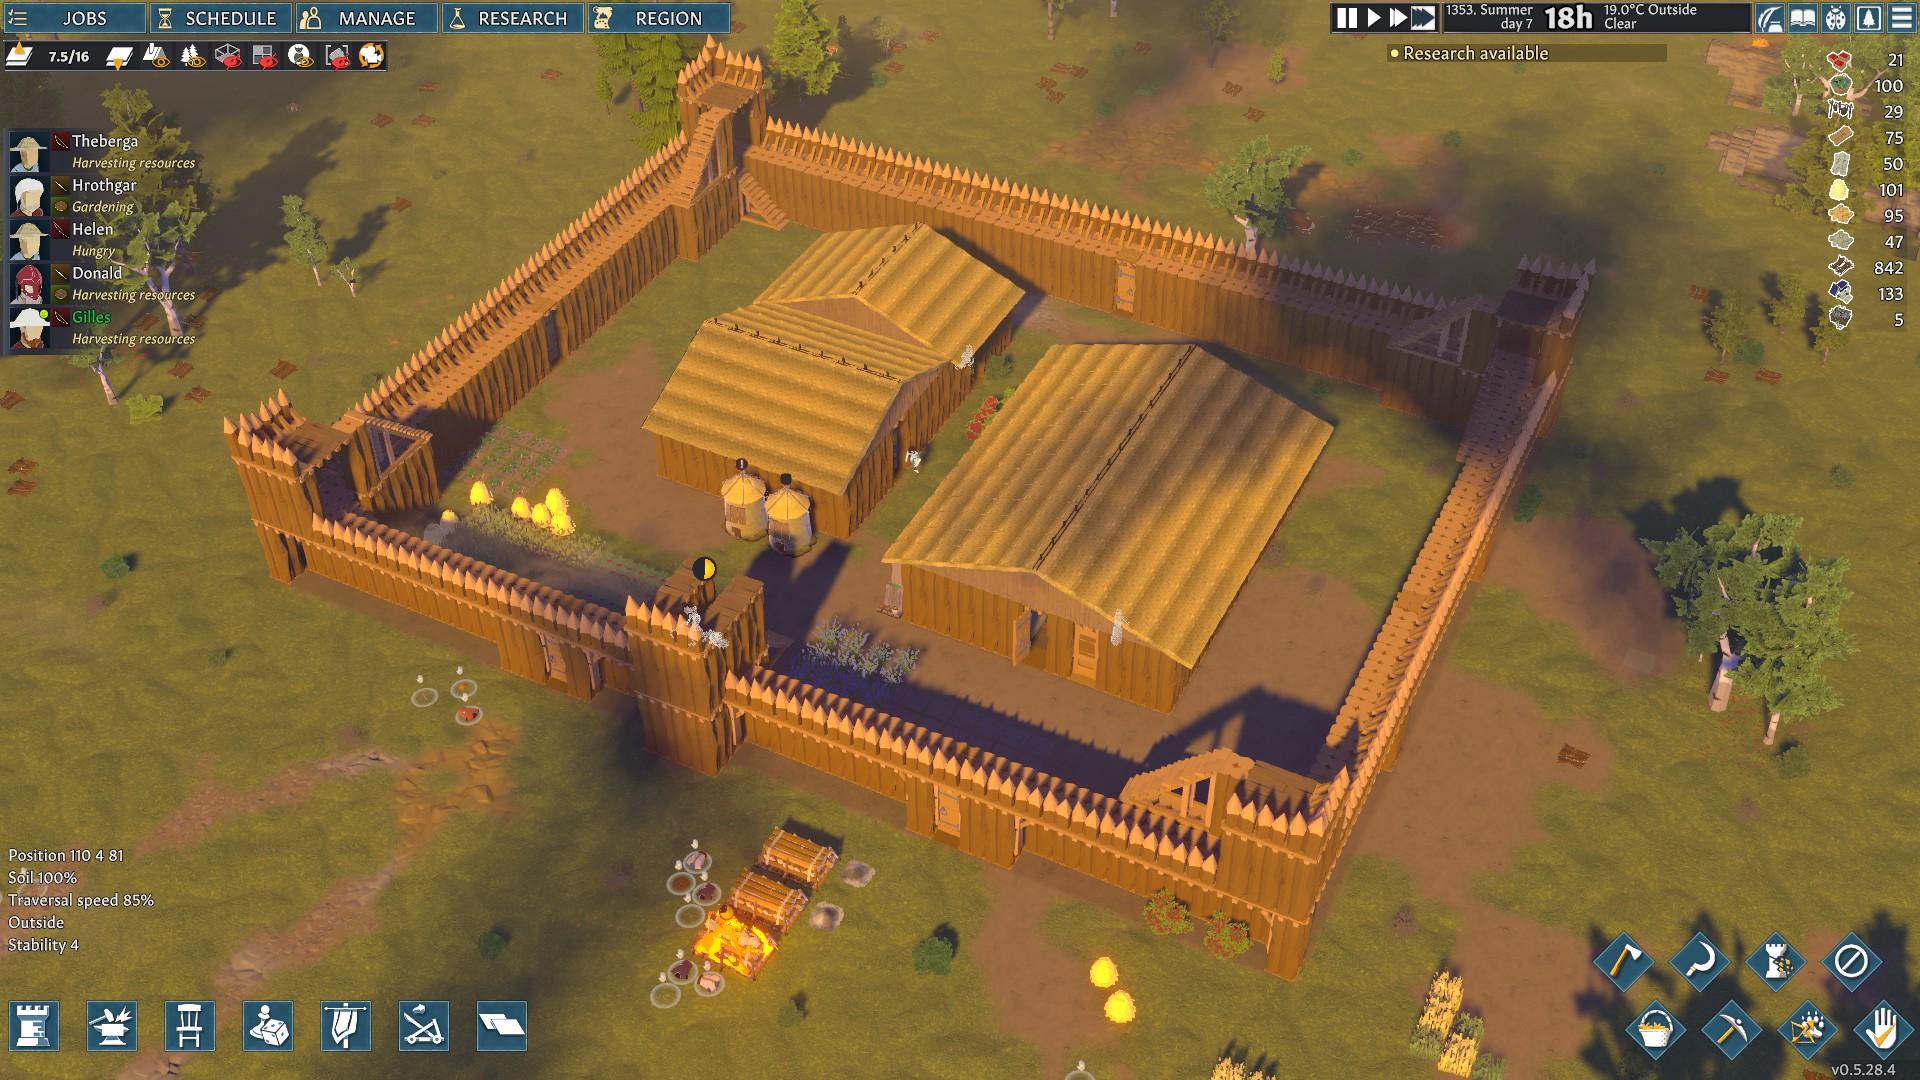 Z ničoho si postupne vybudujeme maličkú osadu alebo pevnosť.